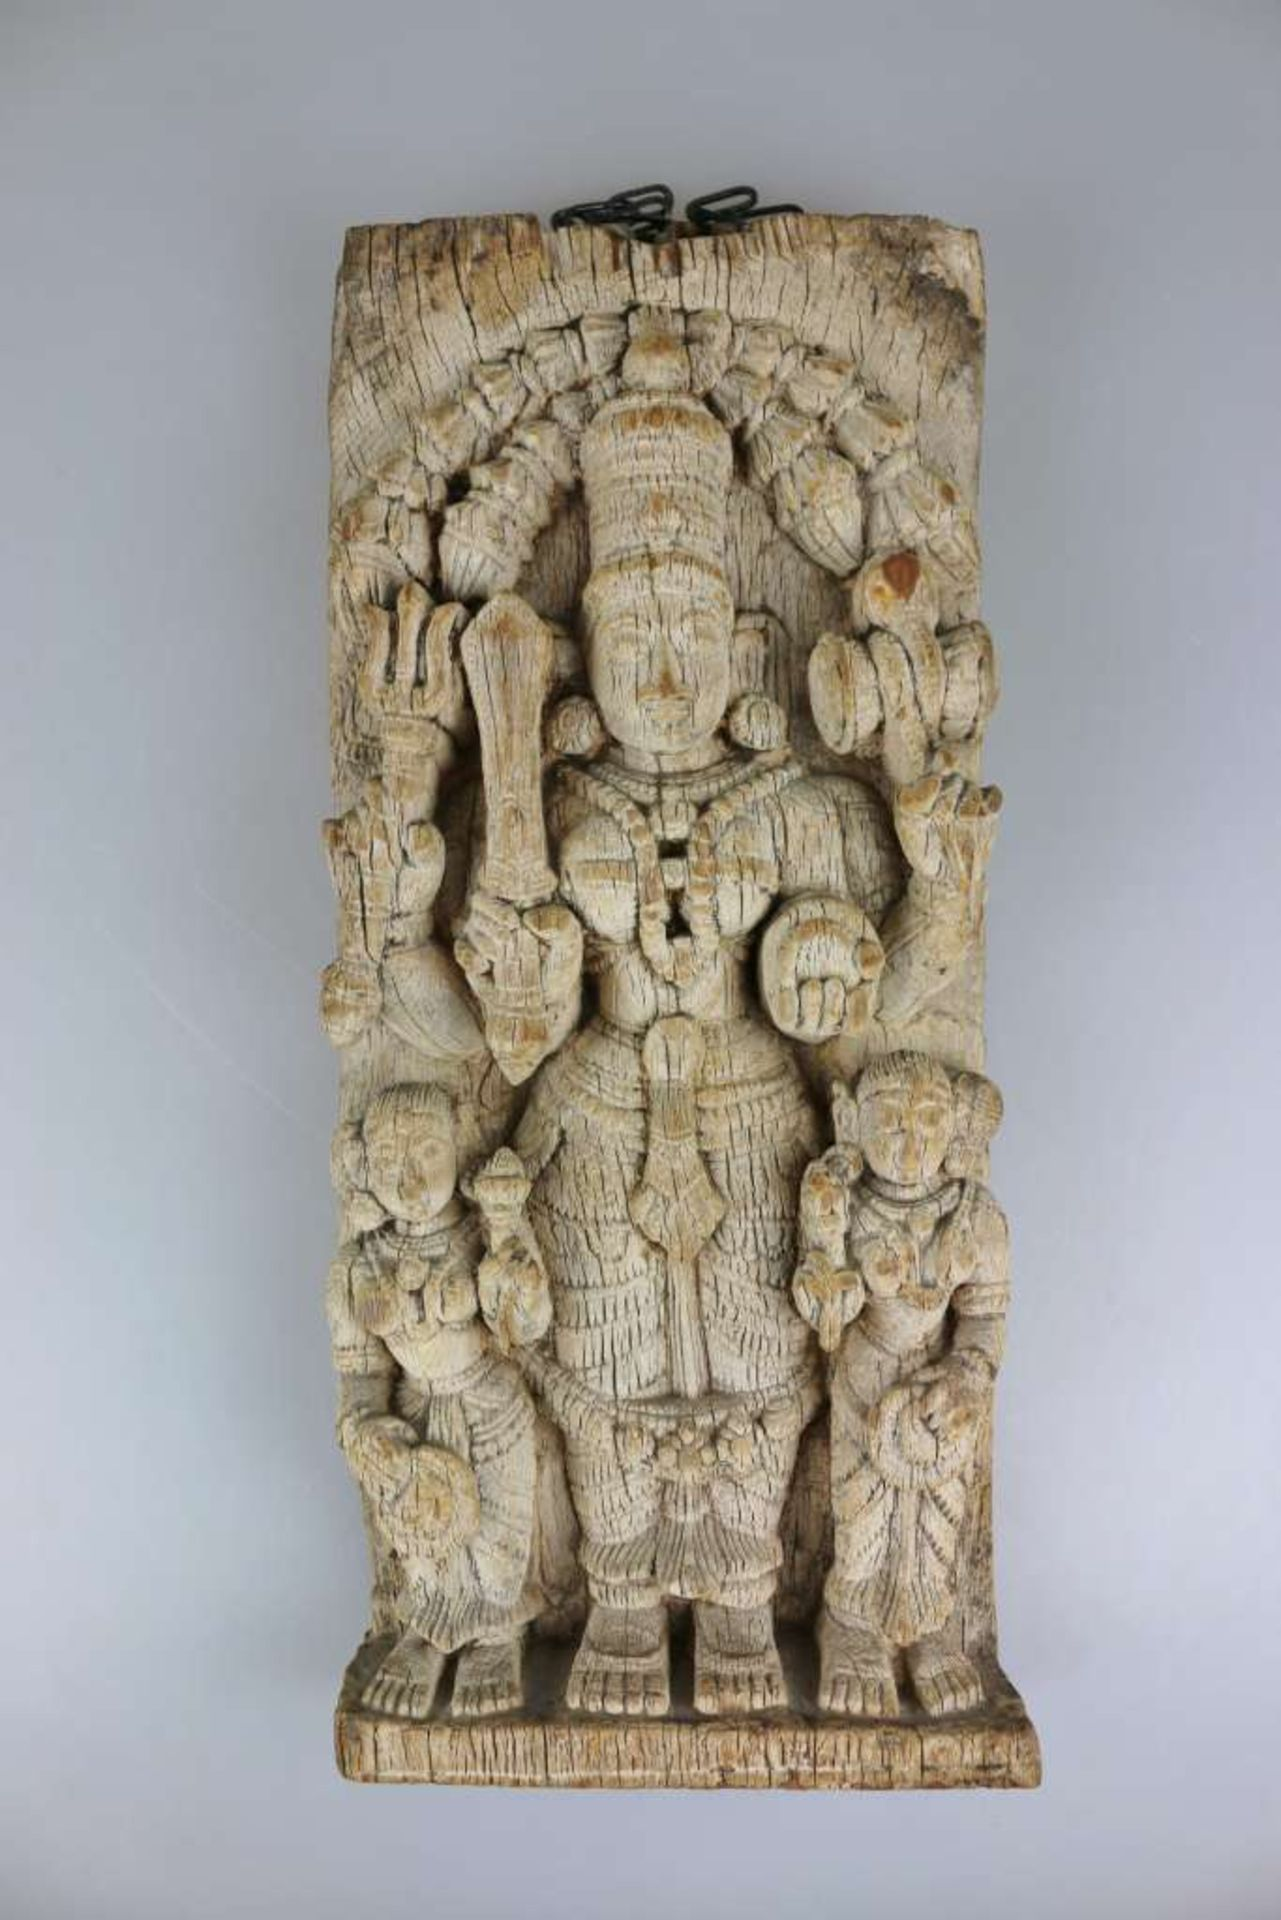 Prozessionsholz, Gott Vishnu, Indien, 19./ 20. Jh., Relief geschnitzt, Darstellung des vierarmi